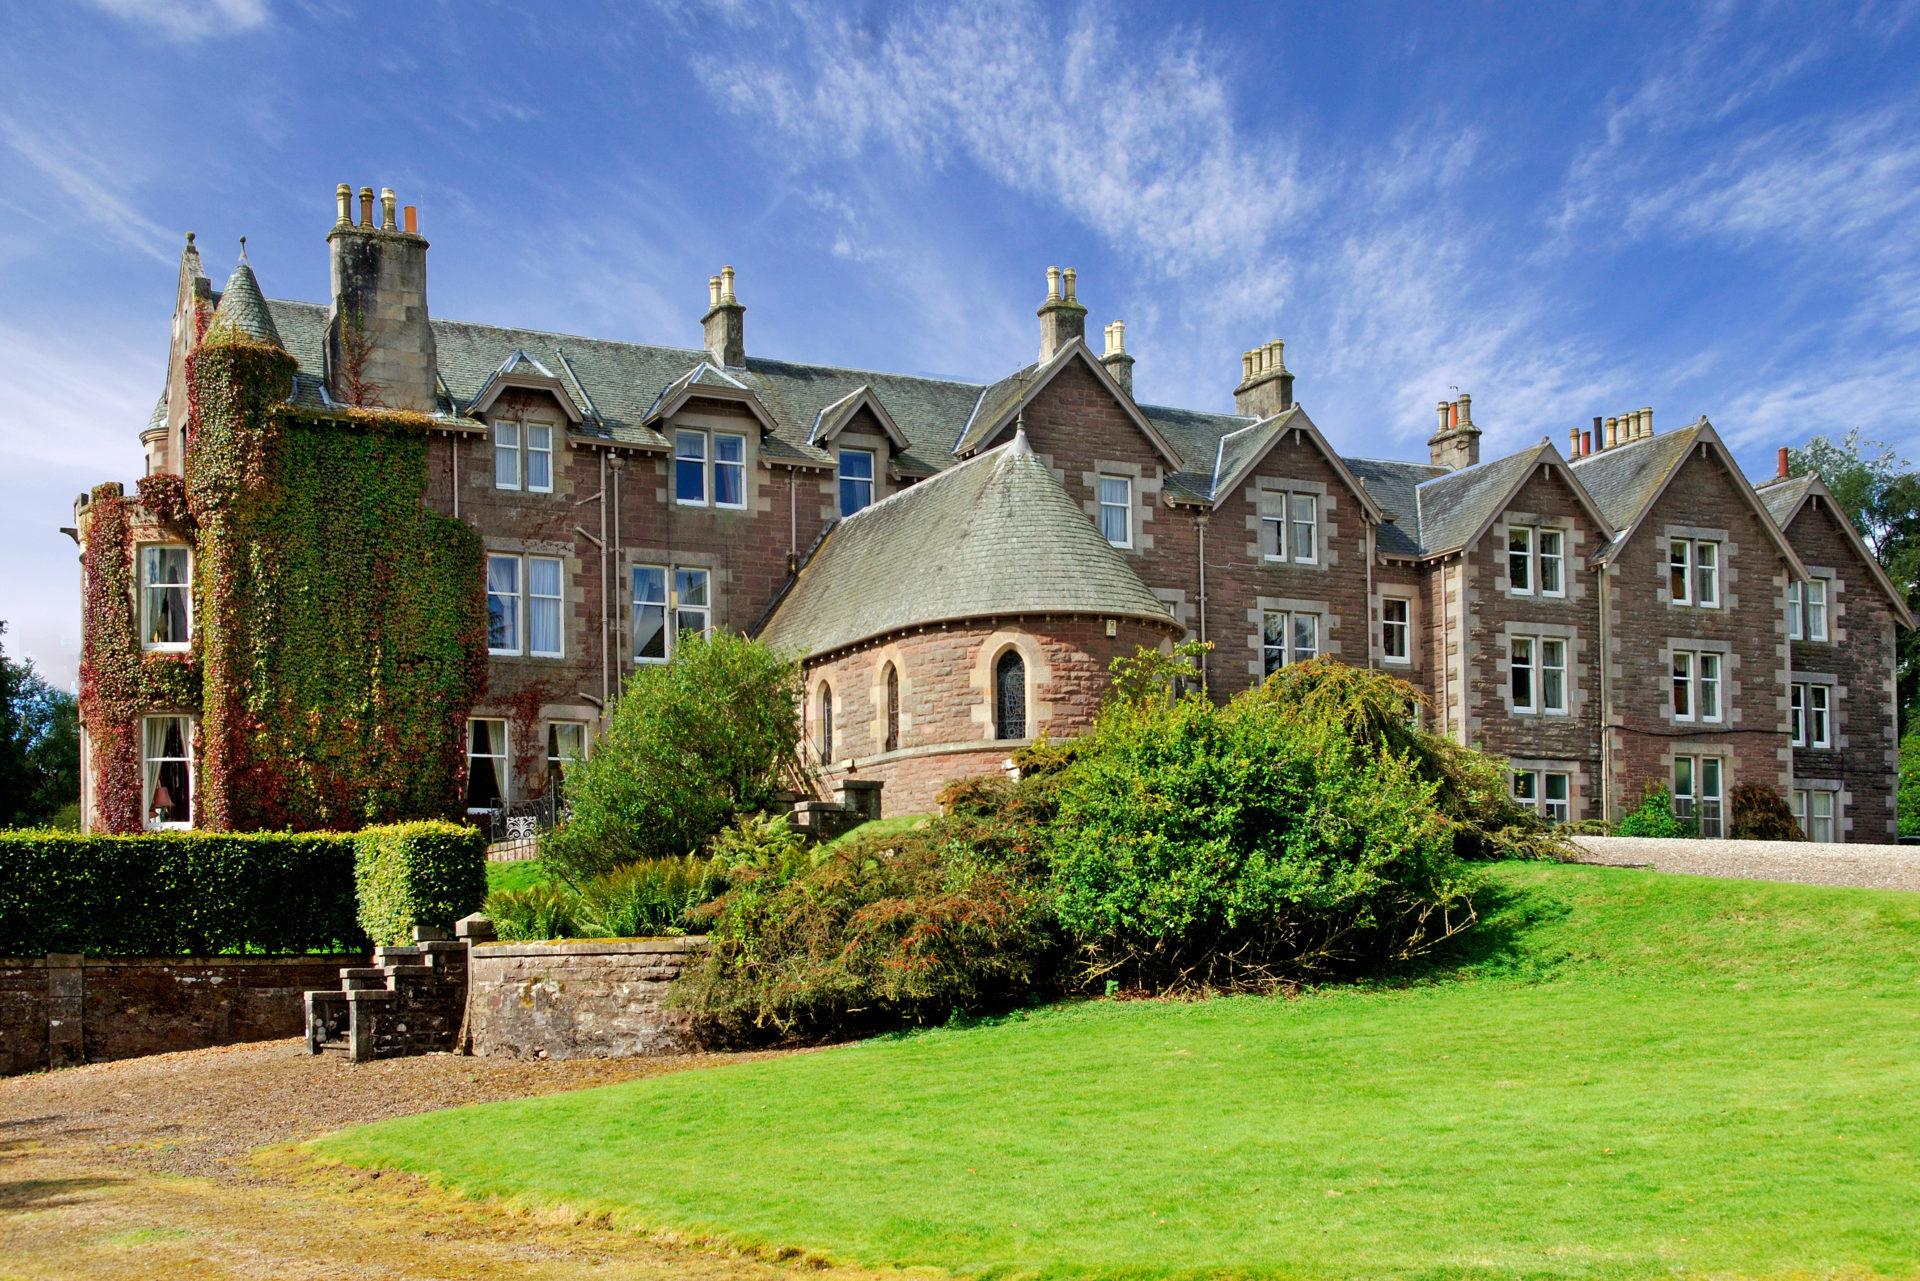 5-dagen Romantiek in een Schots kasteel 5*    afreis dagelijks 1